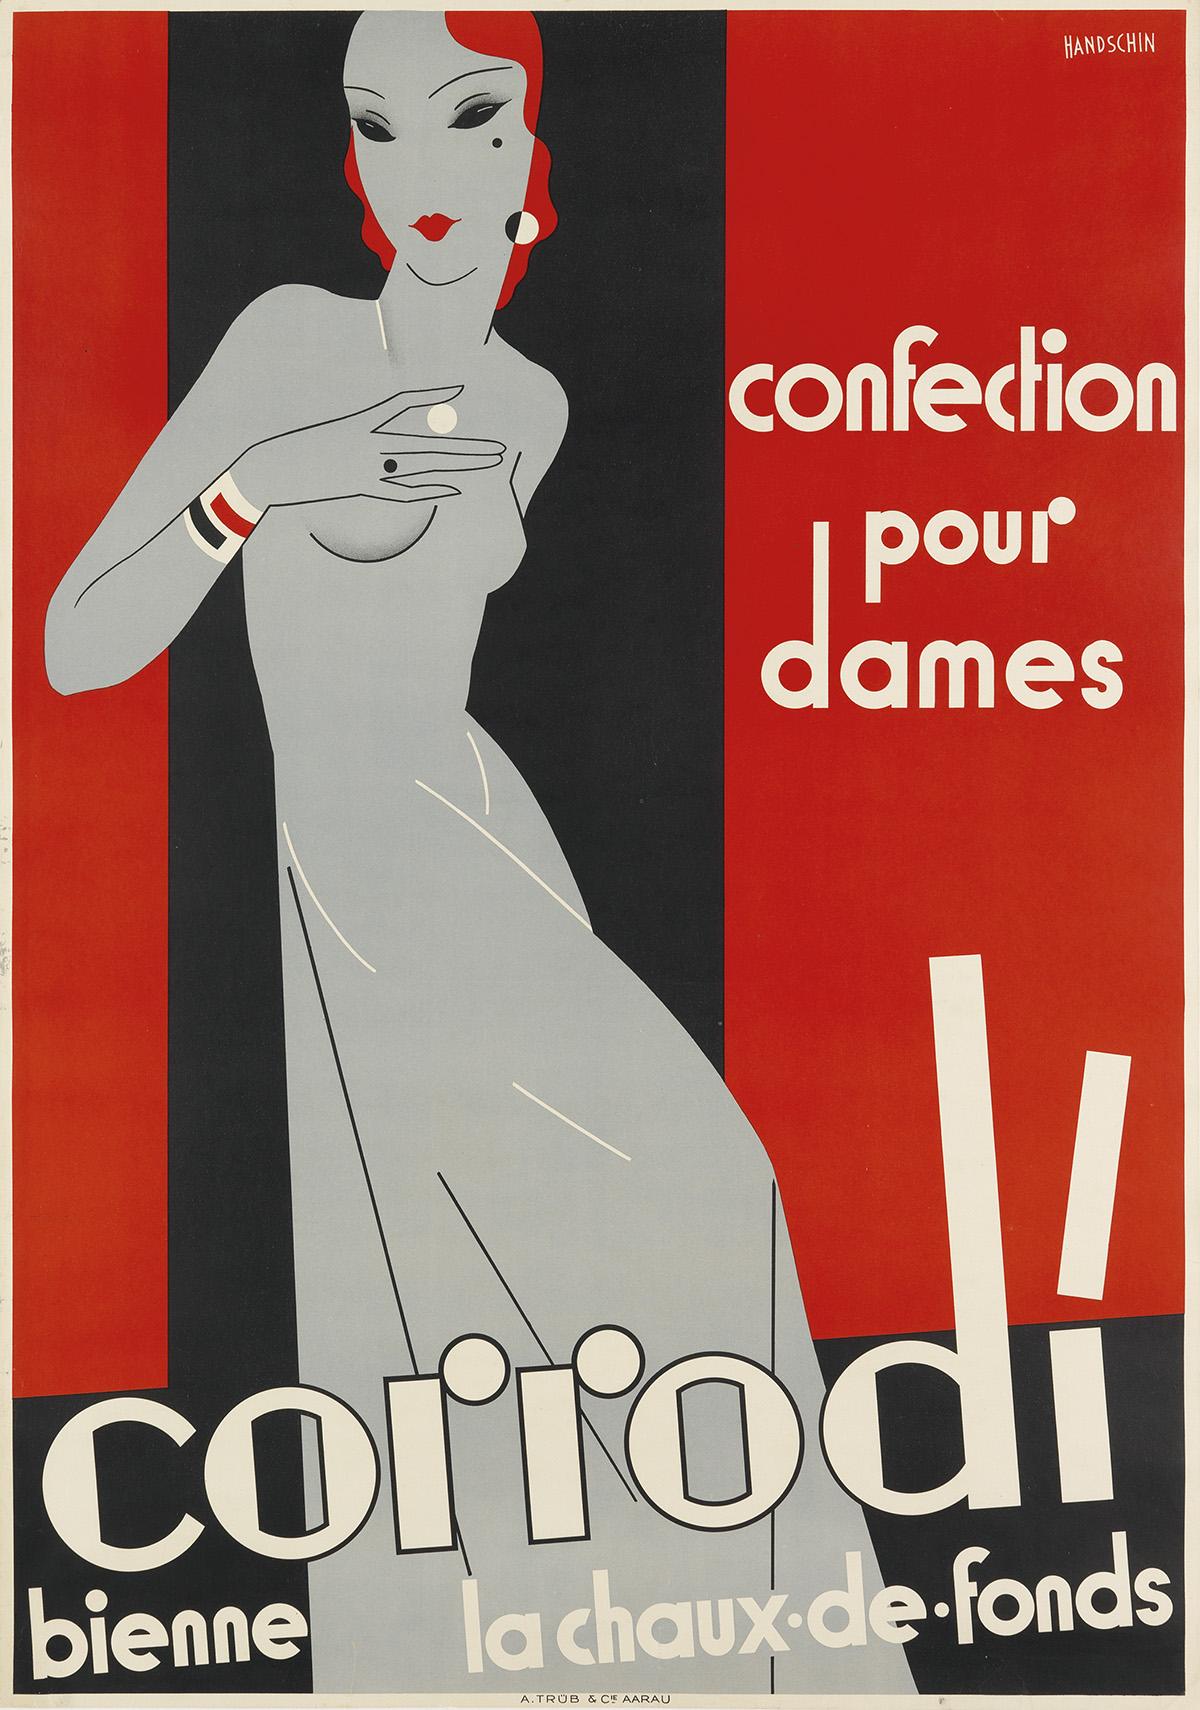 JOHANNES-HANDSCHIN-(1899-1948)-CORRODI--CONFECTION-POUR-DAME